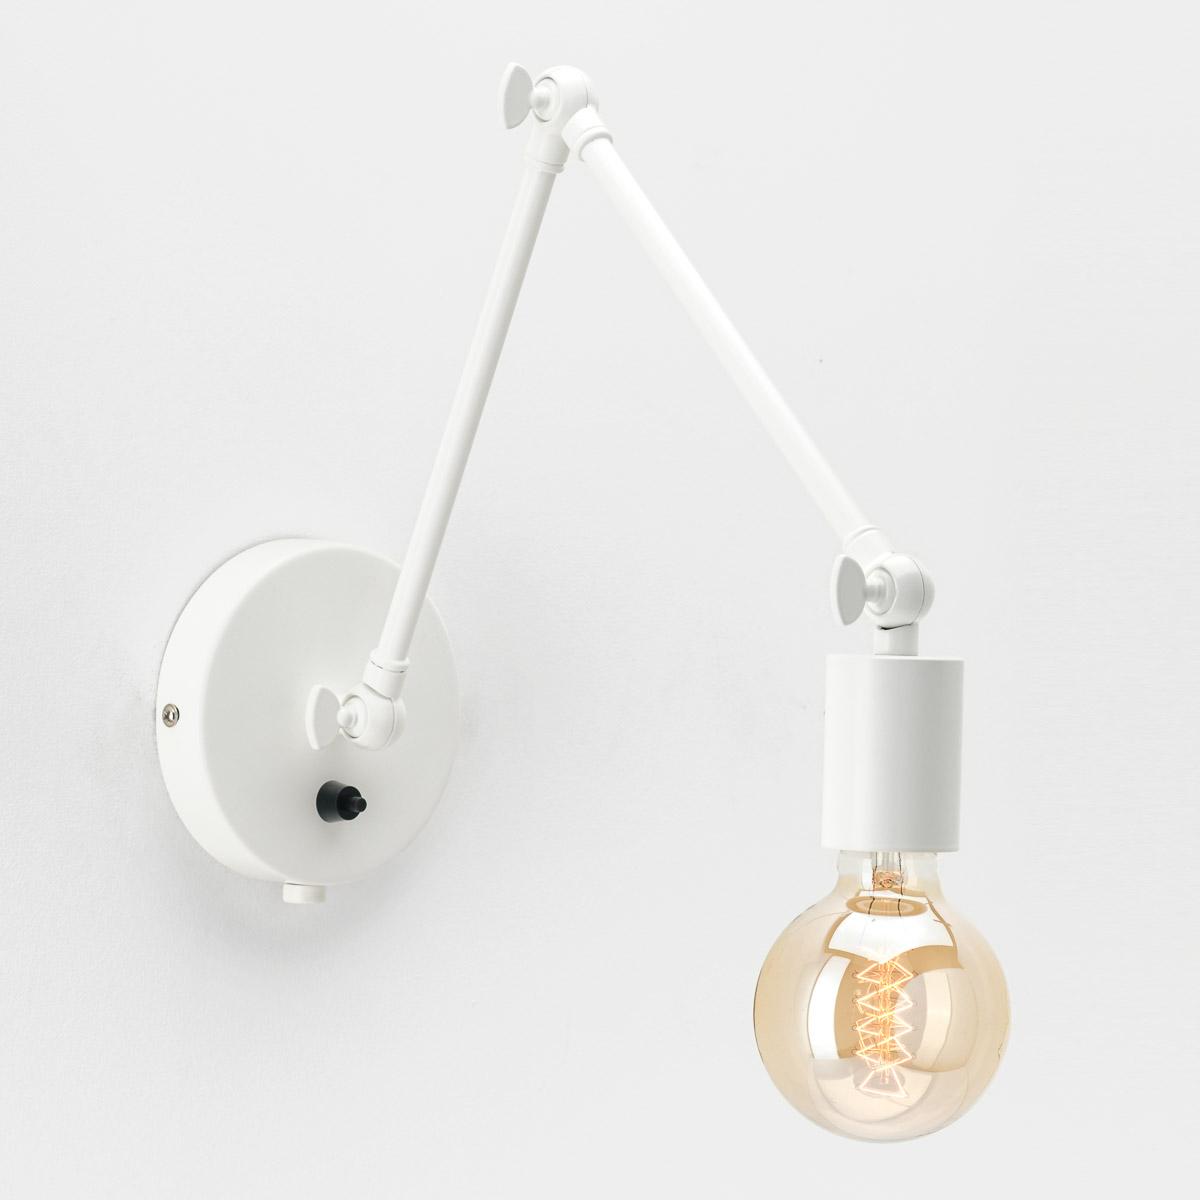 Настенный светильник Edvin белый